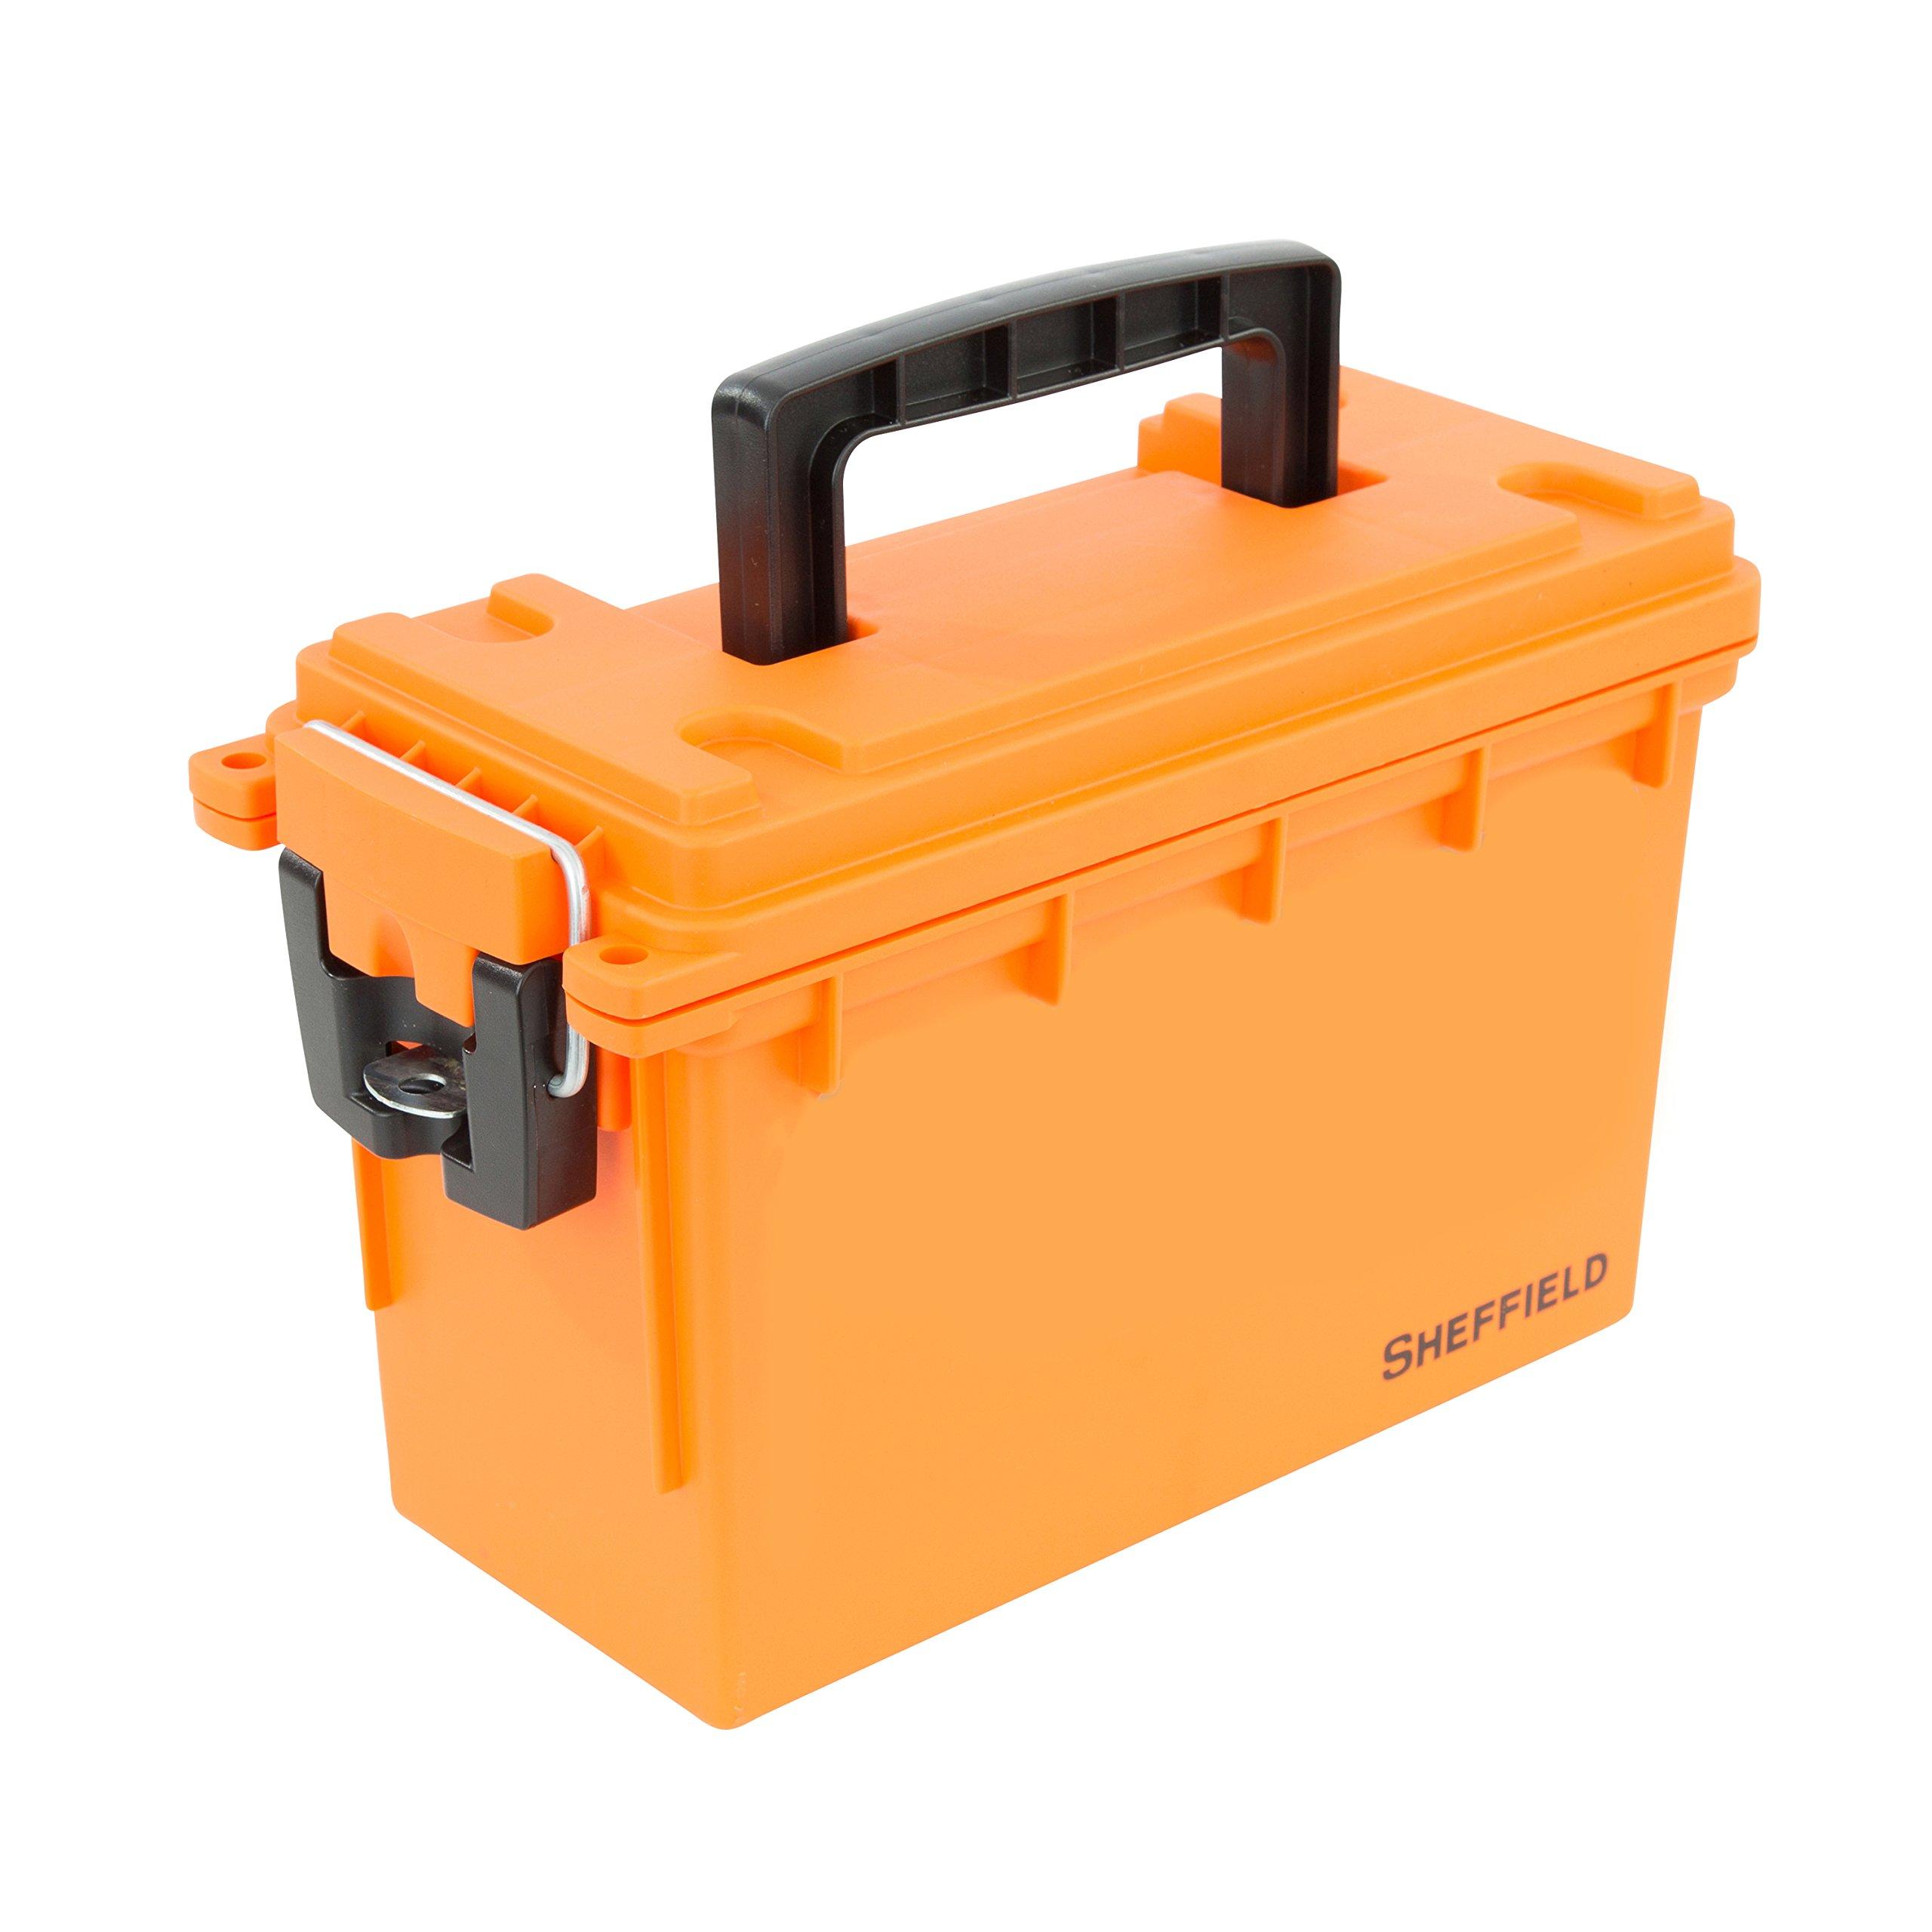 Sheffield 12630 Field Box- Orange